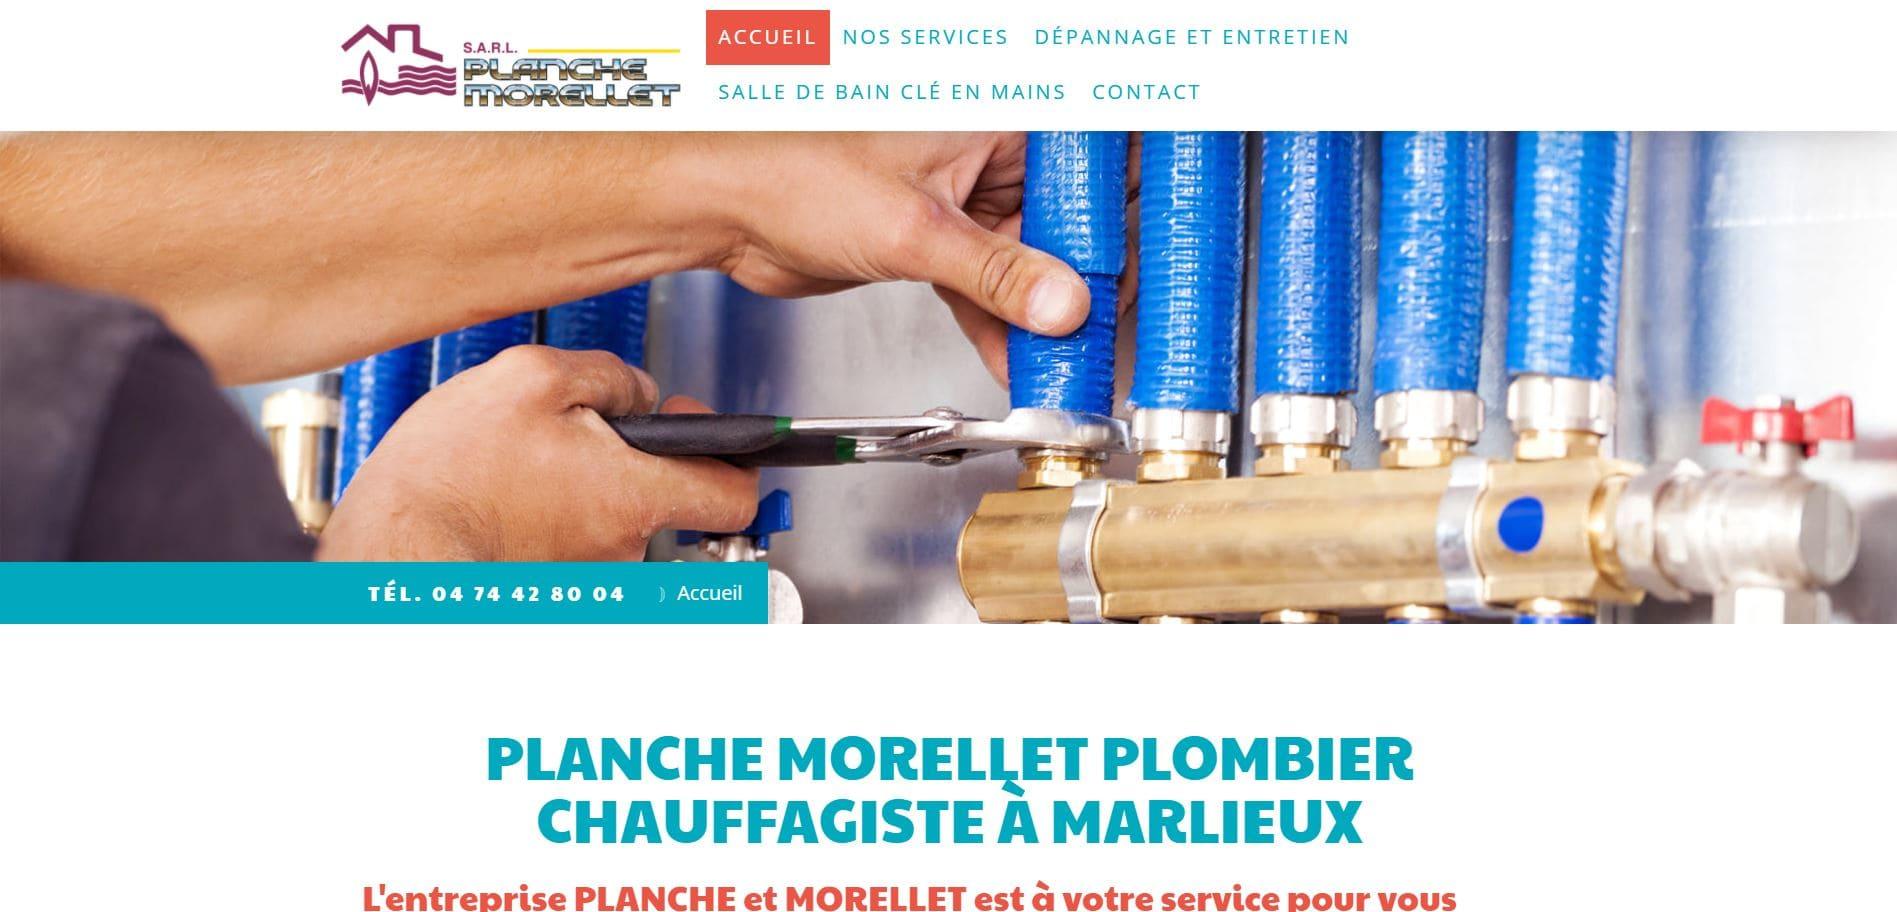 Page d'accueil du site de l'entreprise Planche et Morellet plombier chauffage à Marlieux